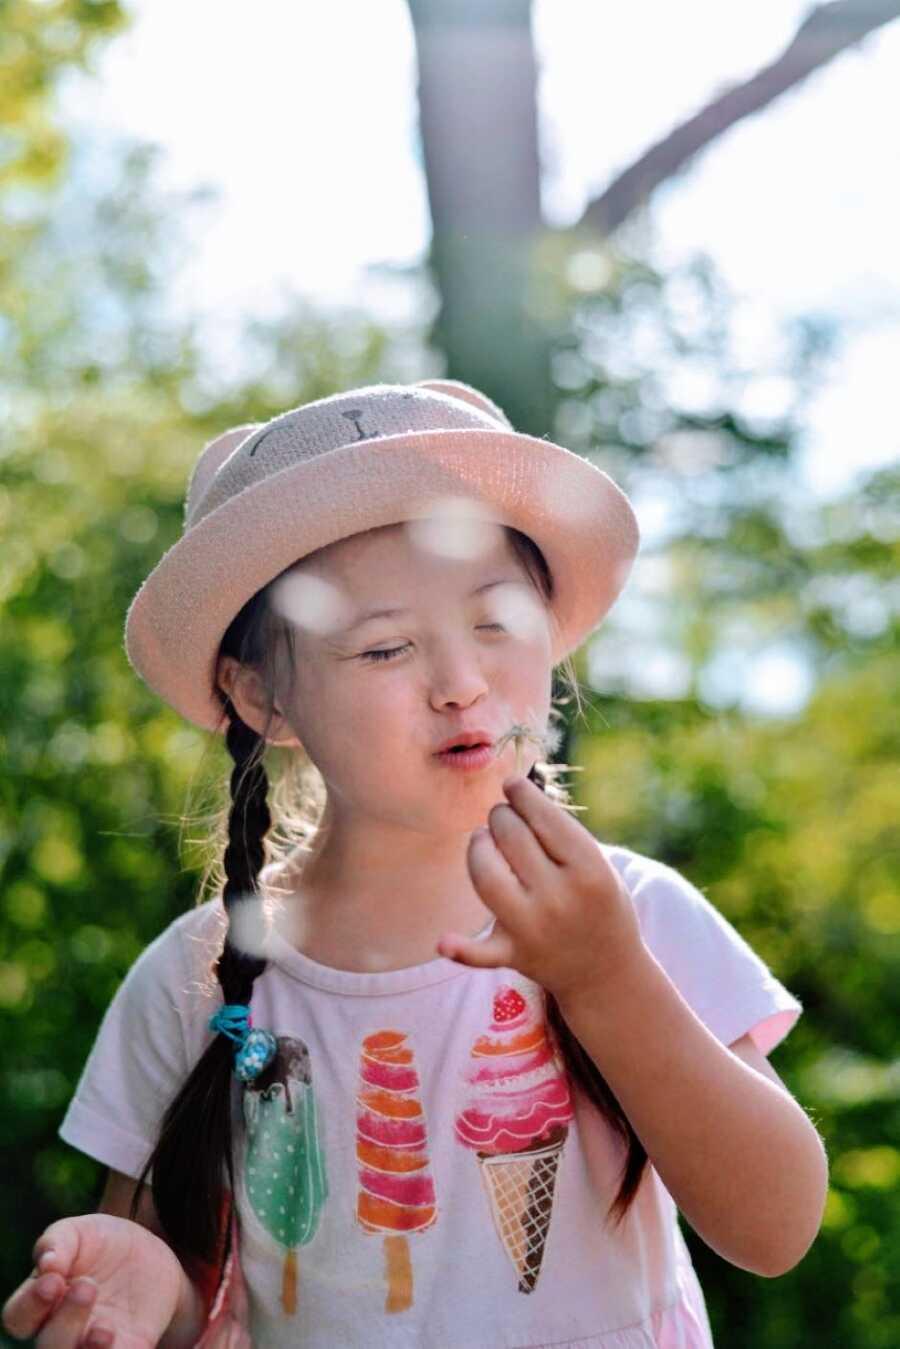 唐氏综合症的小女孩在吹在一件桃红色衬衣的蒲公英吹在有匹配的桃红色帽子的一件蒲公英